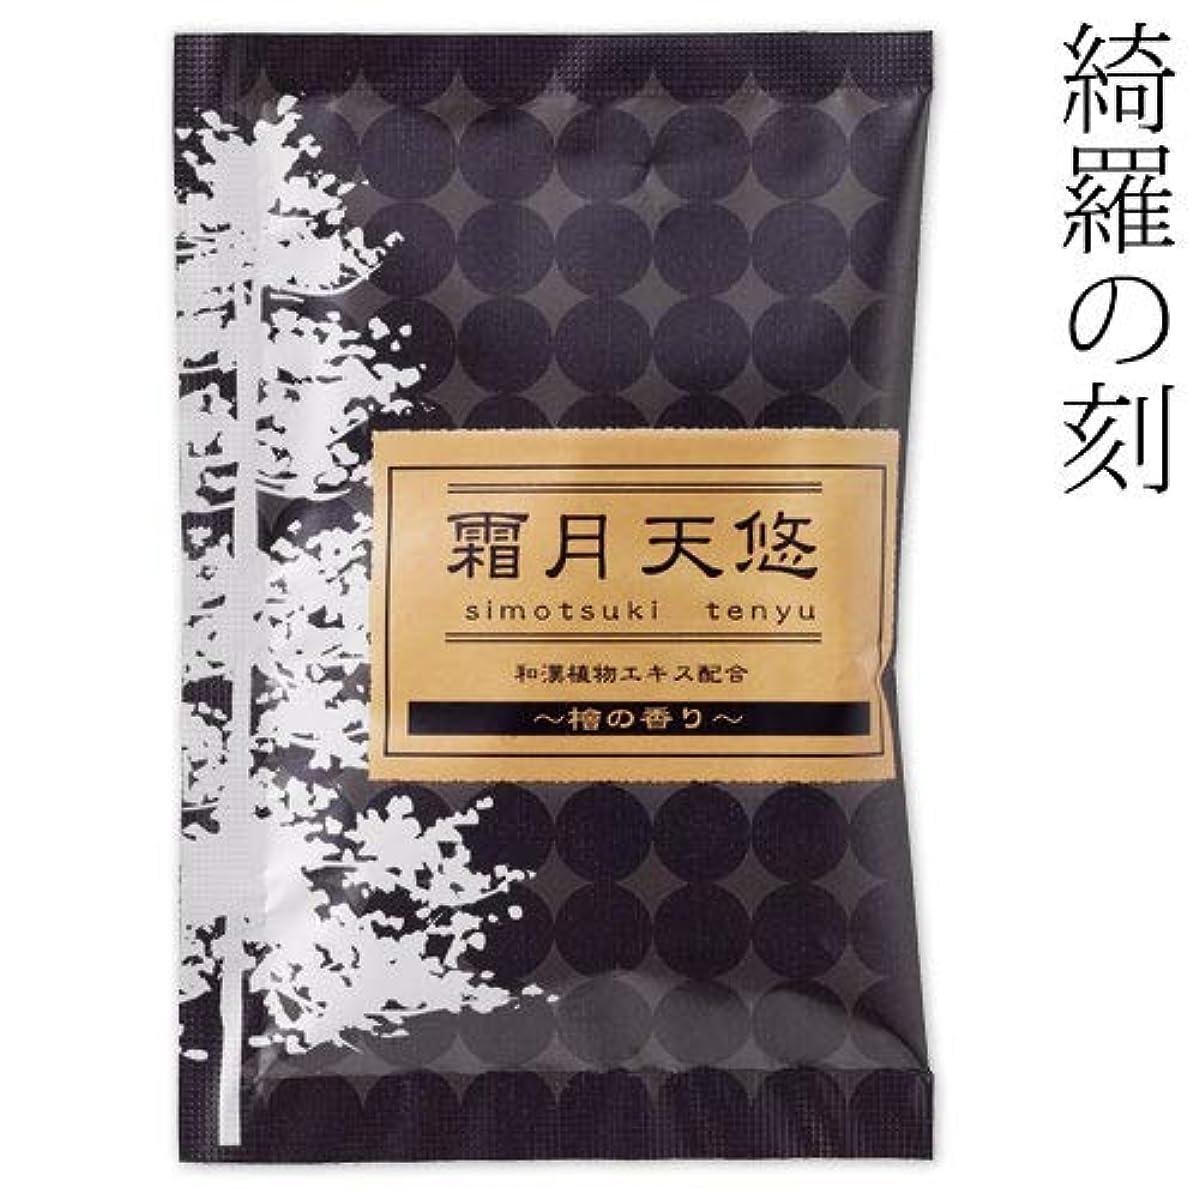 冷蔵庫栄光強度入浴剤綺羅の刻檜の香り霜月天悠1包石川県のお風呂グッズBath additive, Ishikawa craft